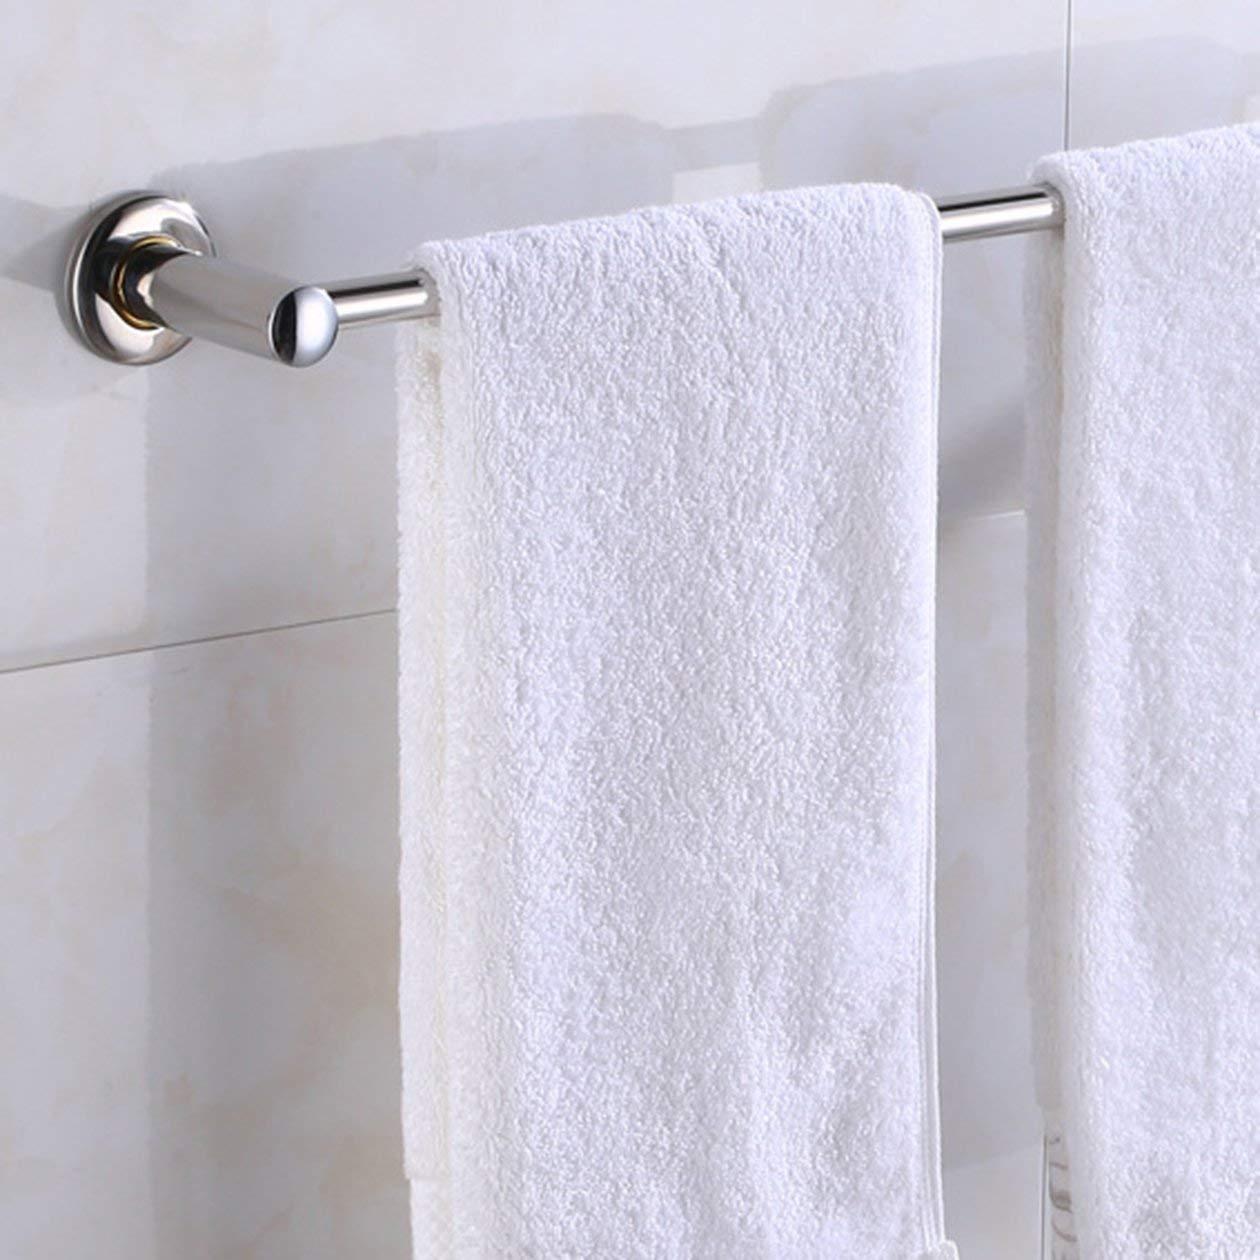 Multifonctionnel en acier inoxydable porte-serviettes antirouille Toilette Salle de bains Salle de bains Stockage Porte-Rack M/énage Tige Barre Suspendue couleur: Argent